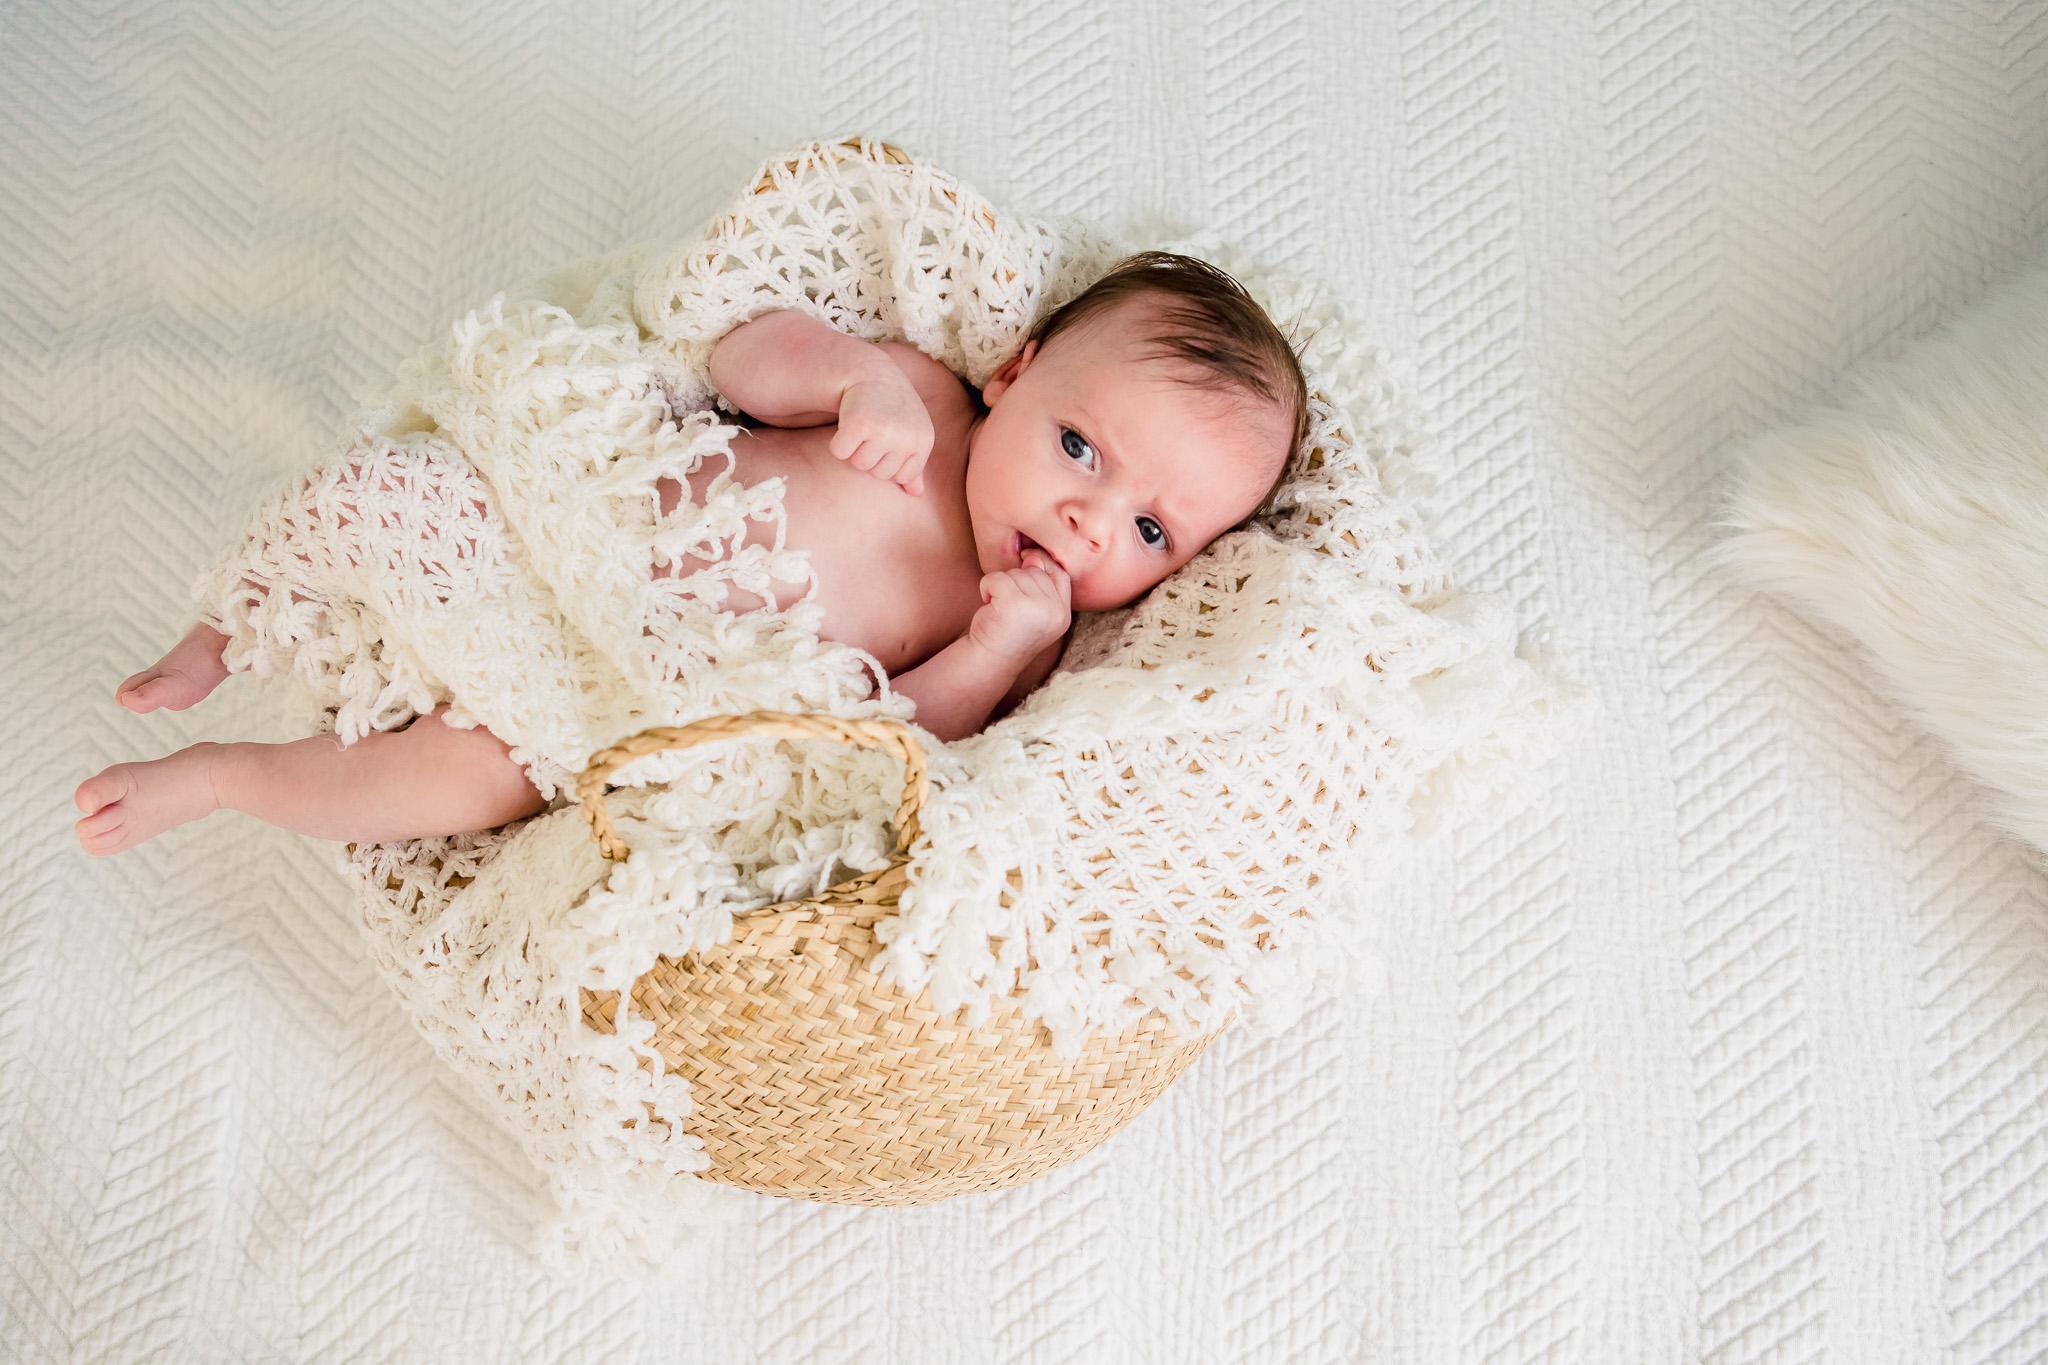 photographe bébé et naissance à gruissan